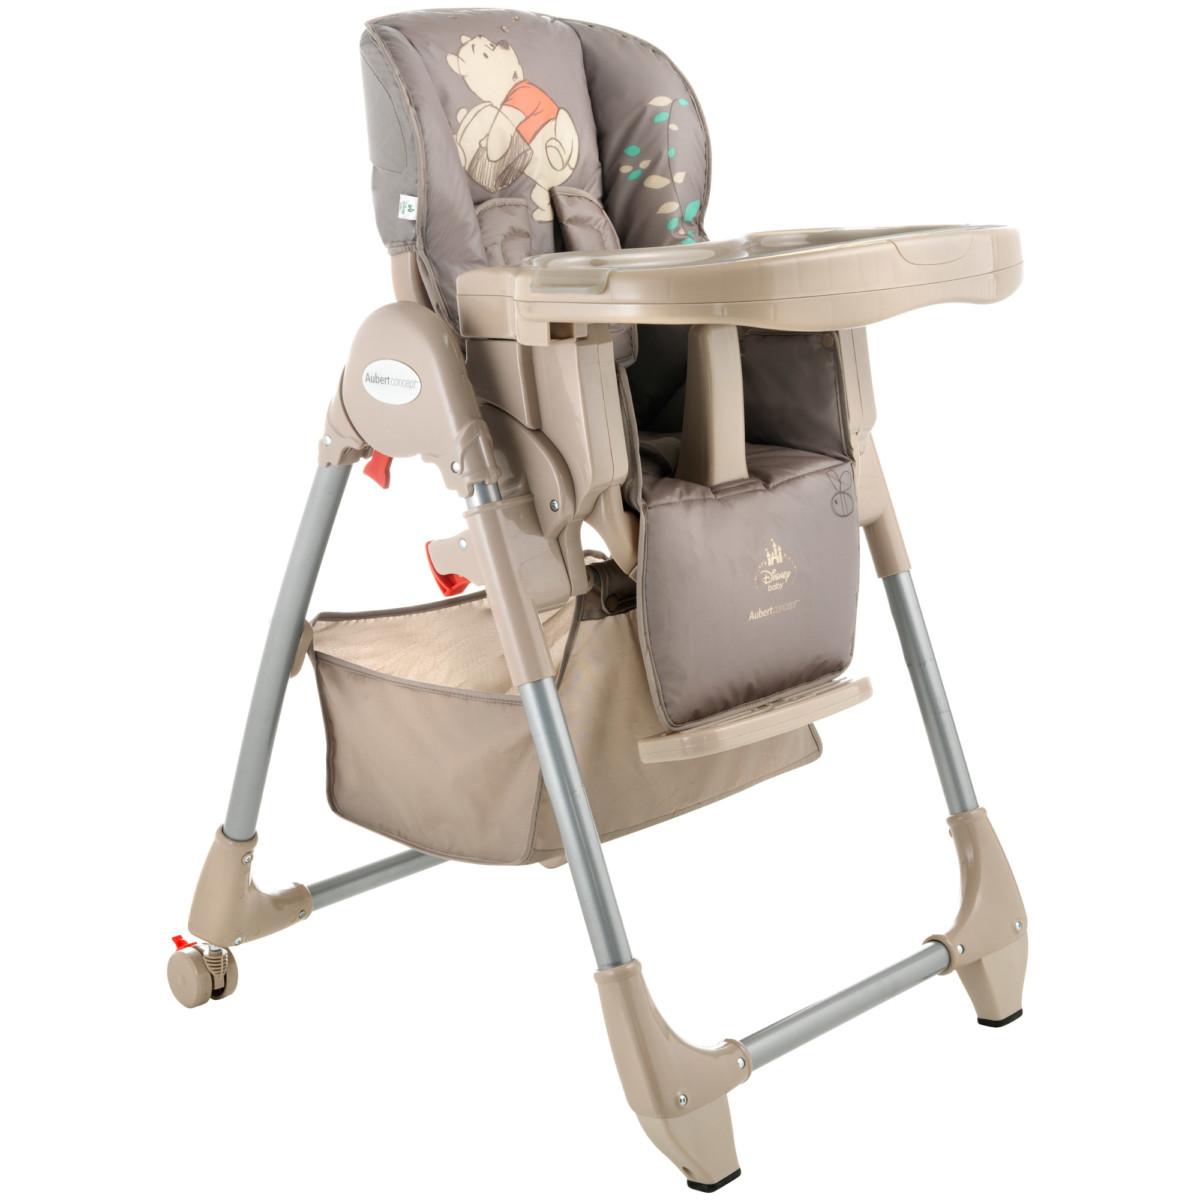 Chaise haute multipositions de Aubert concept, Chaises hautes